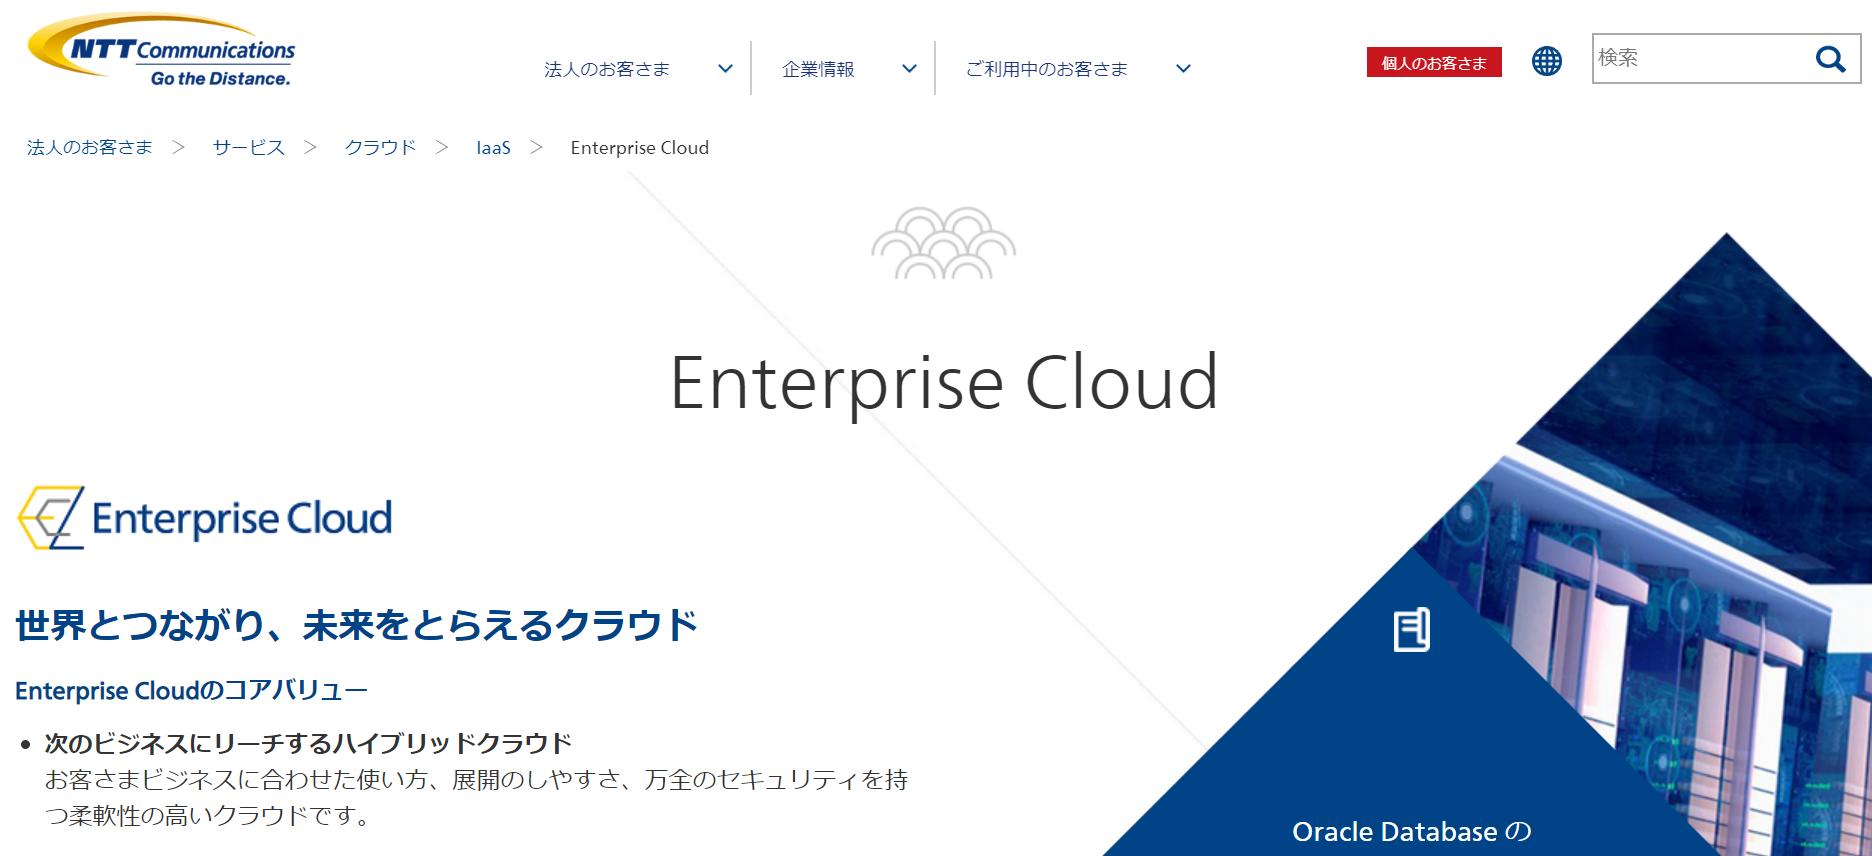 Enterprise Cloud 公式Webサイト